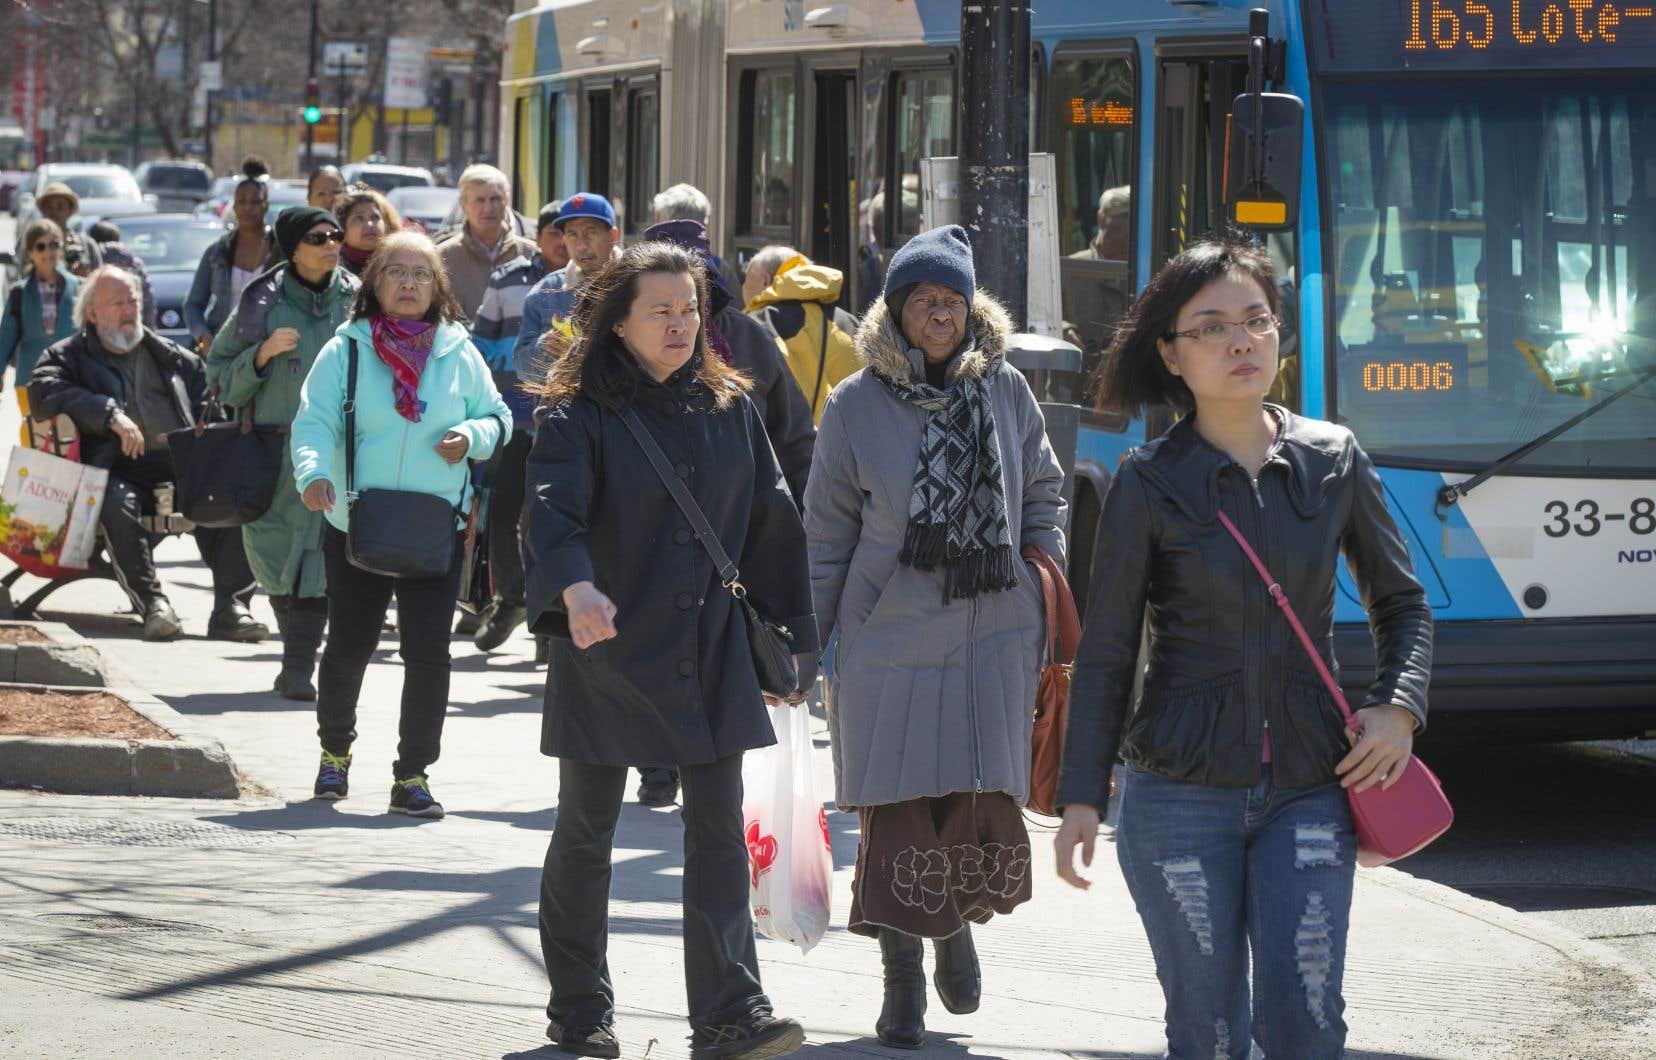 Le nombre d'habitants vivant au Québec a augmenté de 1,1% durant l'année 2017-2018 pour s'établir désormais à 8390499 personnes sur le territoire.